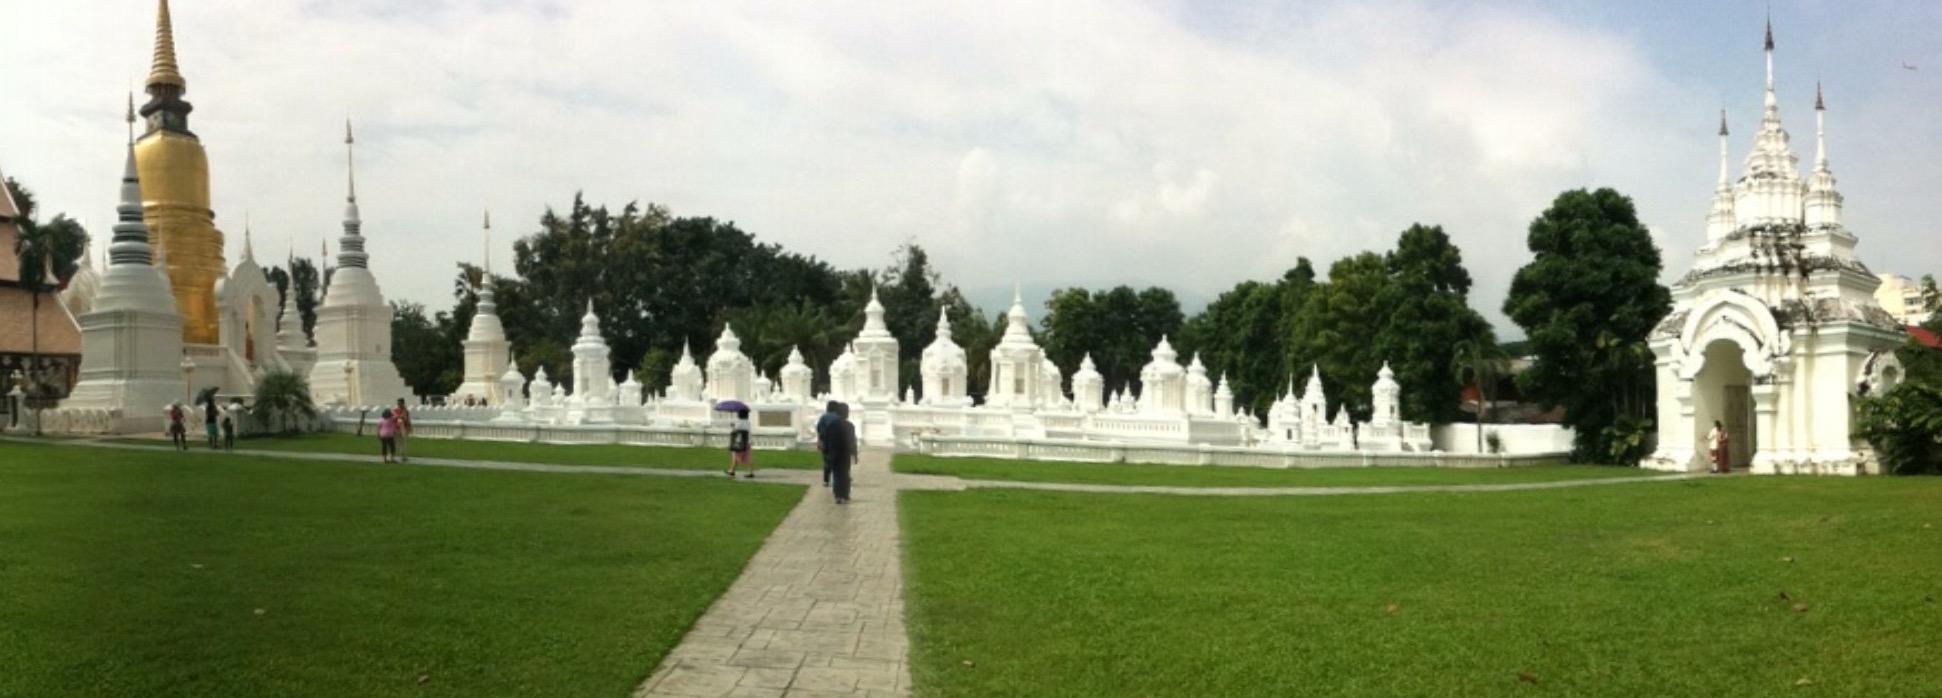 Wat Suan Doc